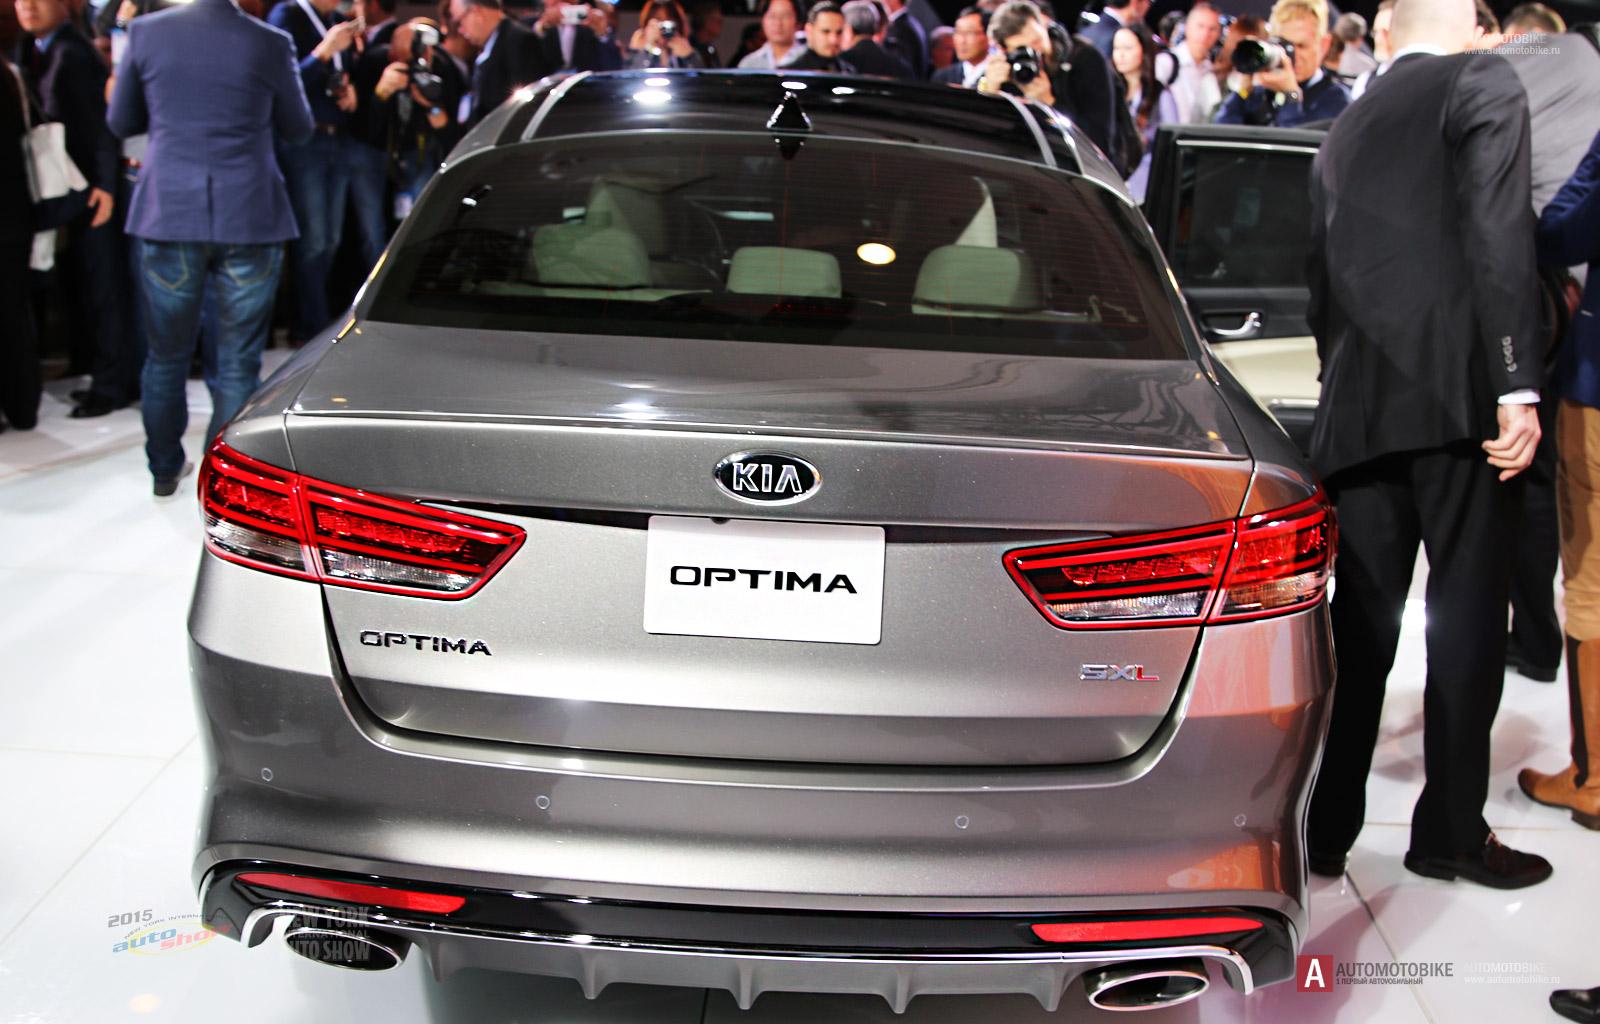 Фотогрвфии новой KIA Optima 2016 модельного года на автосалоне в Нью-Йорке 2015 новинка